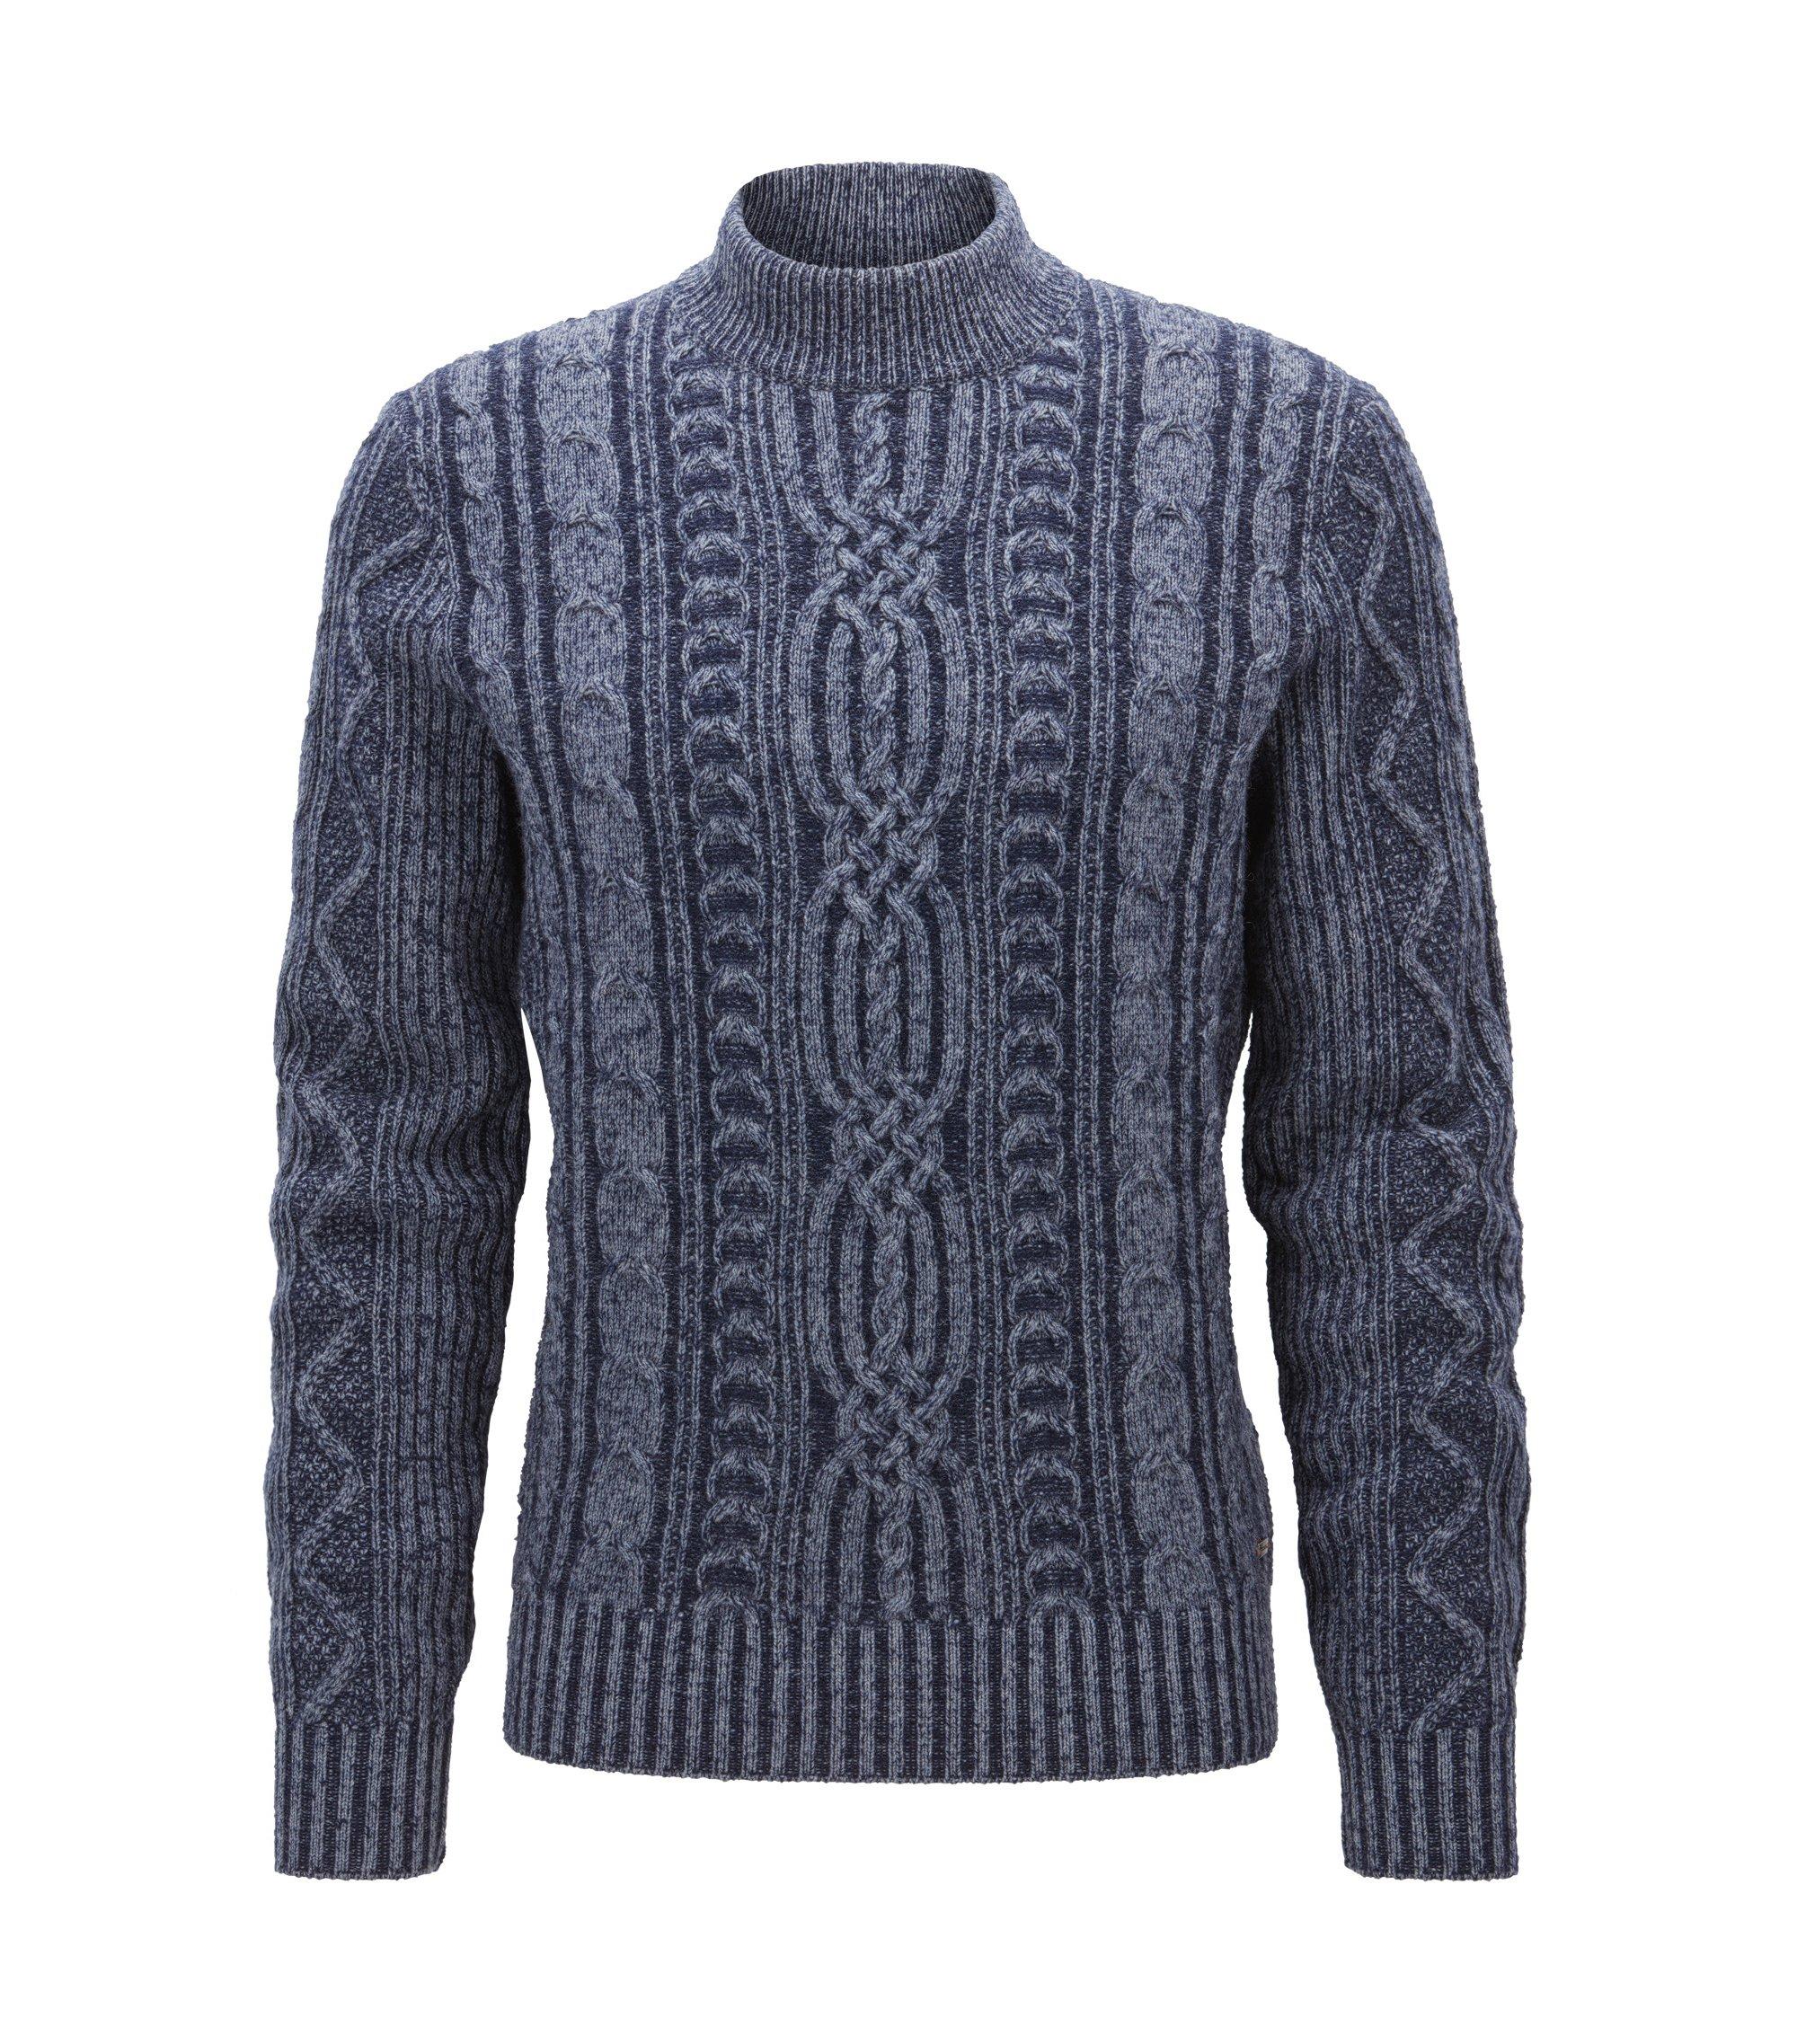 Pullover aus Schurwoll-Mix mit Stehkragen, Dunkelblau